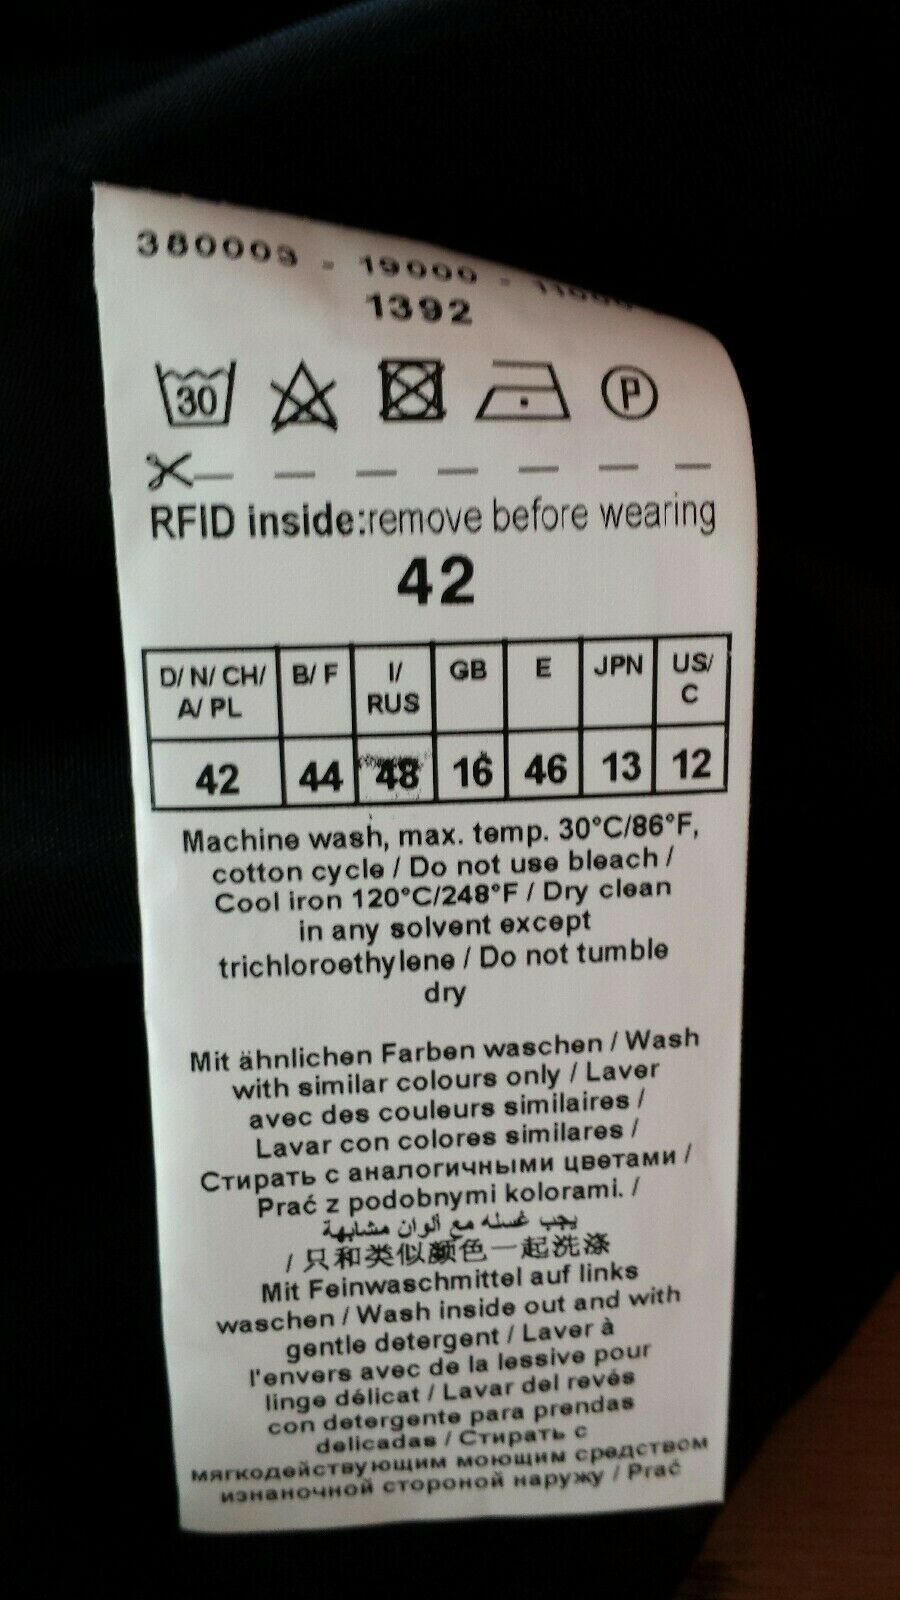 Festliches kleid schwarz schwarz schwarz Gr. 42 neu oben durchbrochen leicht talliert mit Futter 93c271